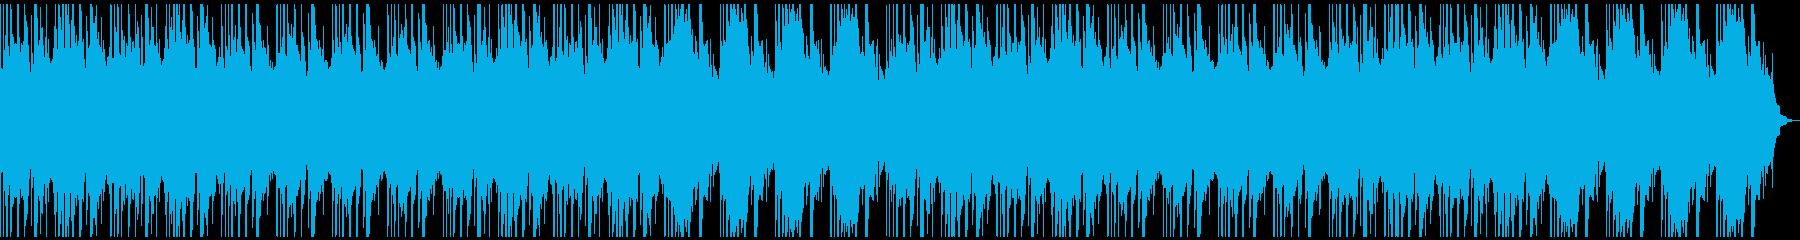 アンビエントなヒーリングBGMの再生済みの波形